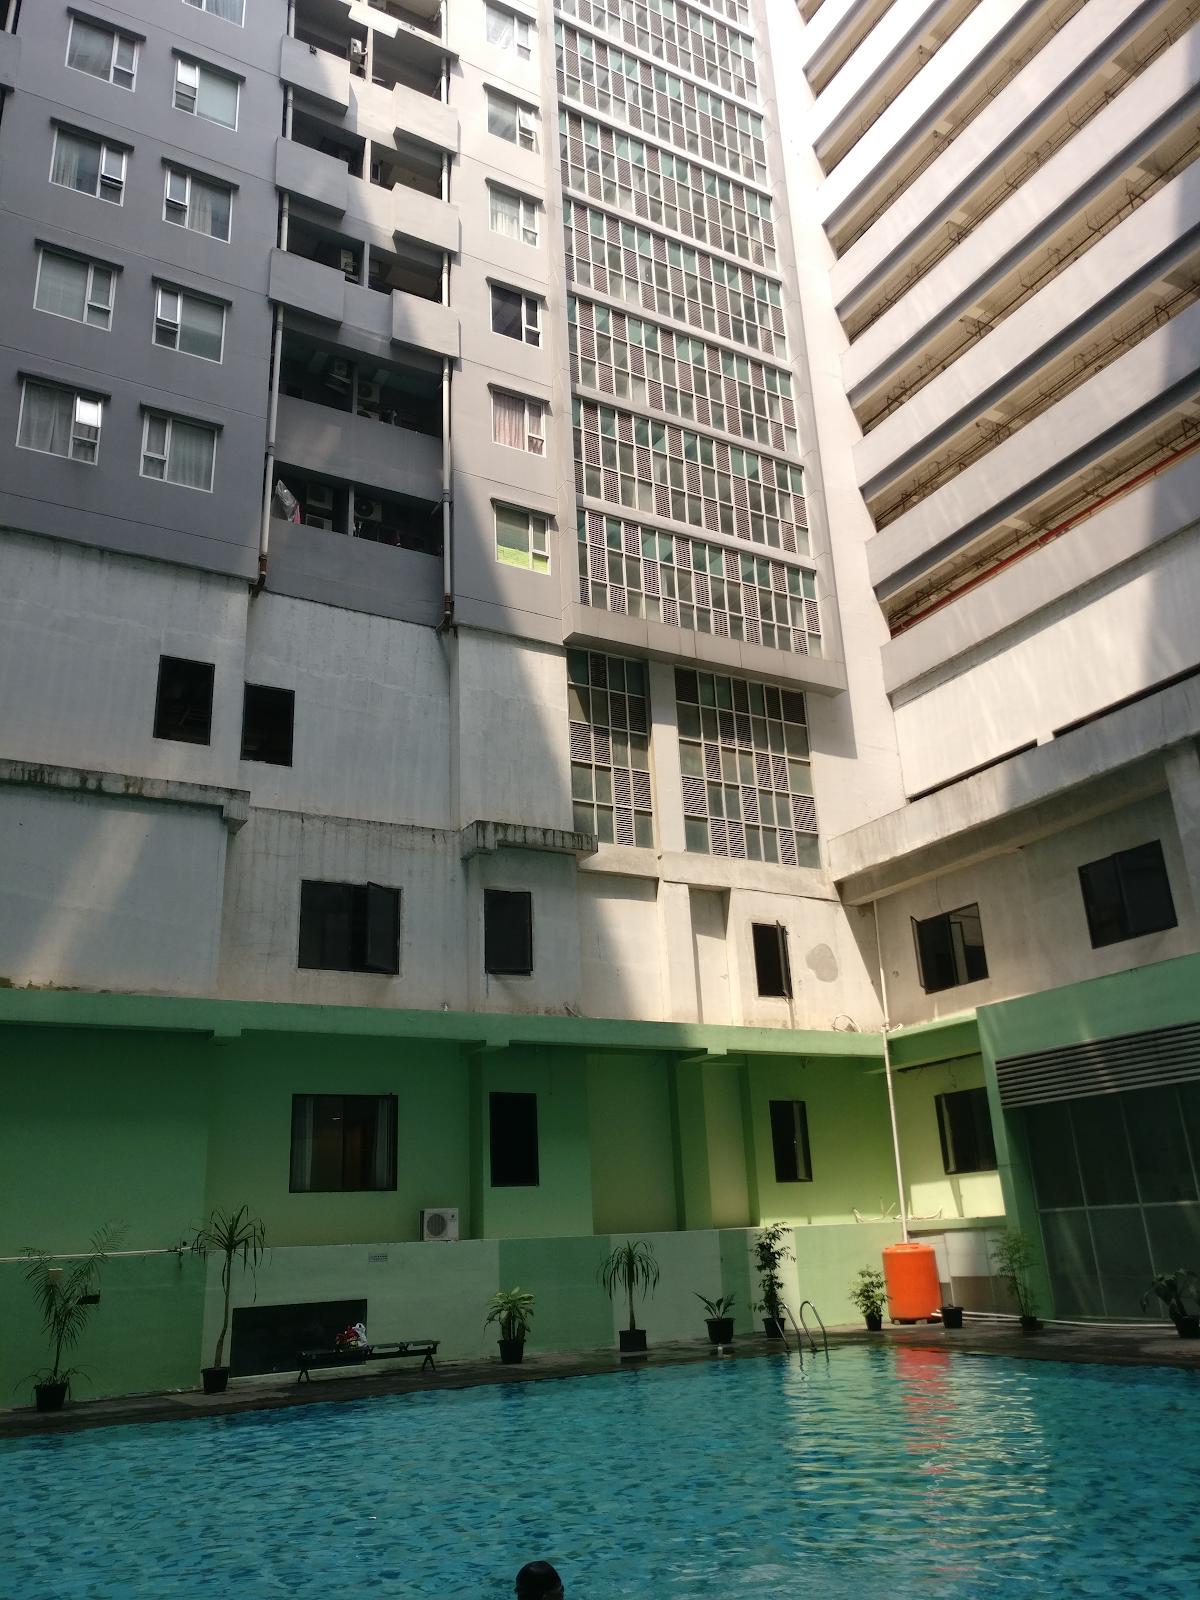 Apartemen Murah di Menteng: Menteng square apartment